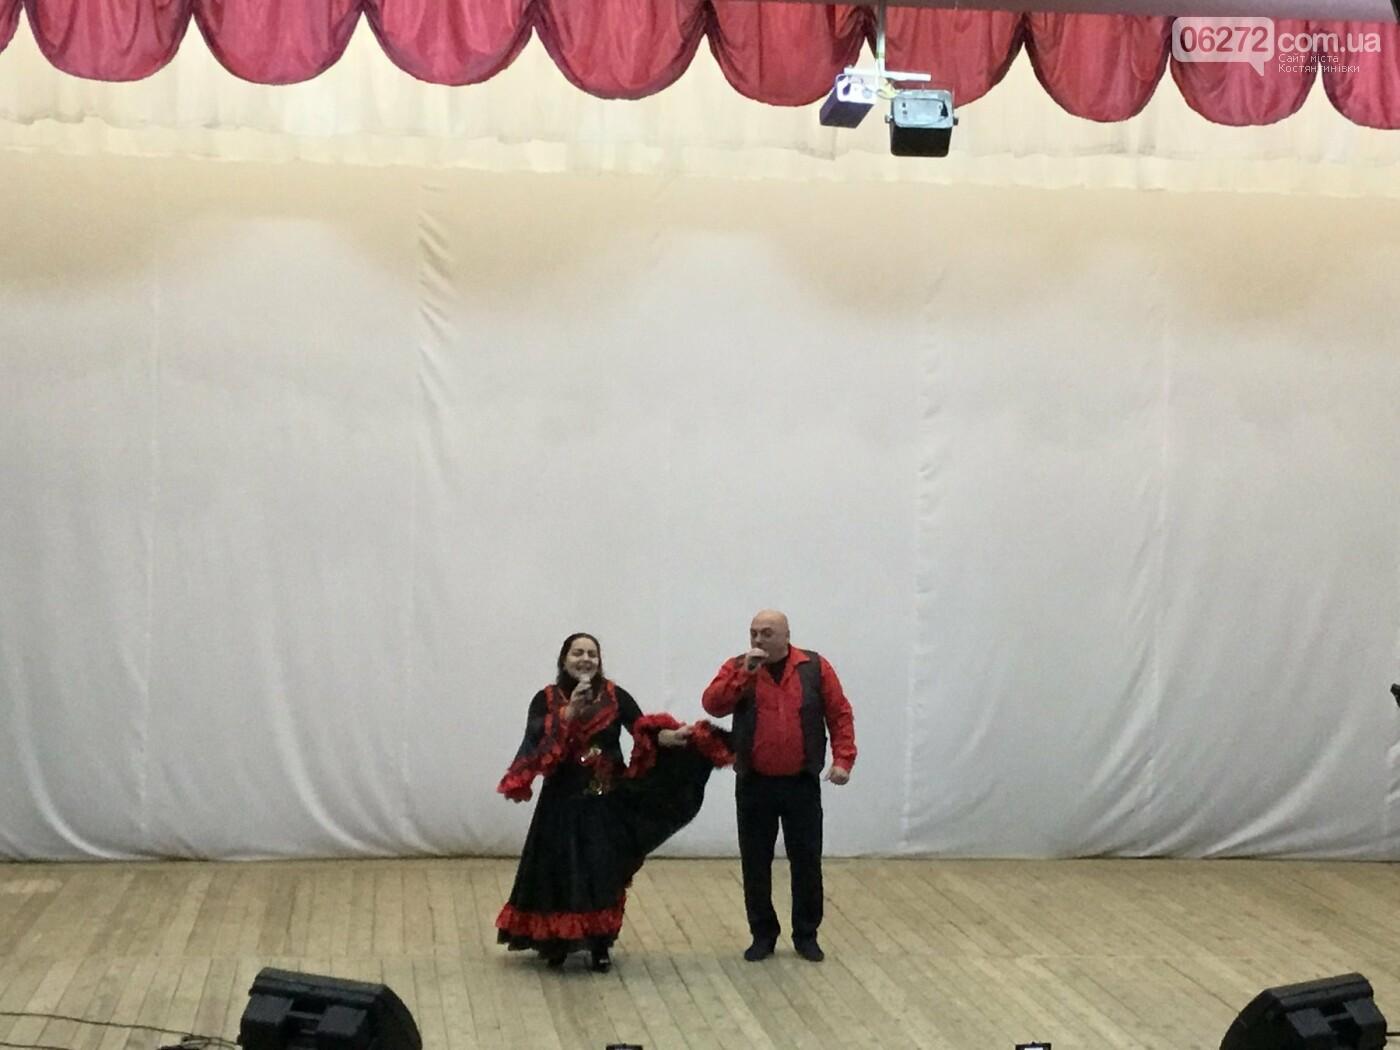 У Костянтинівці відбувся концерт до Міжнародного дня толерантності, фото-2